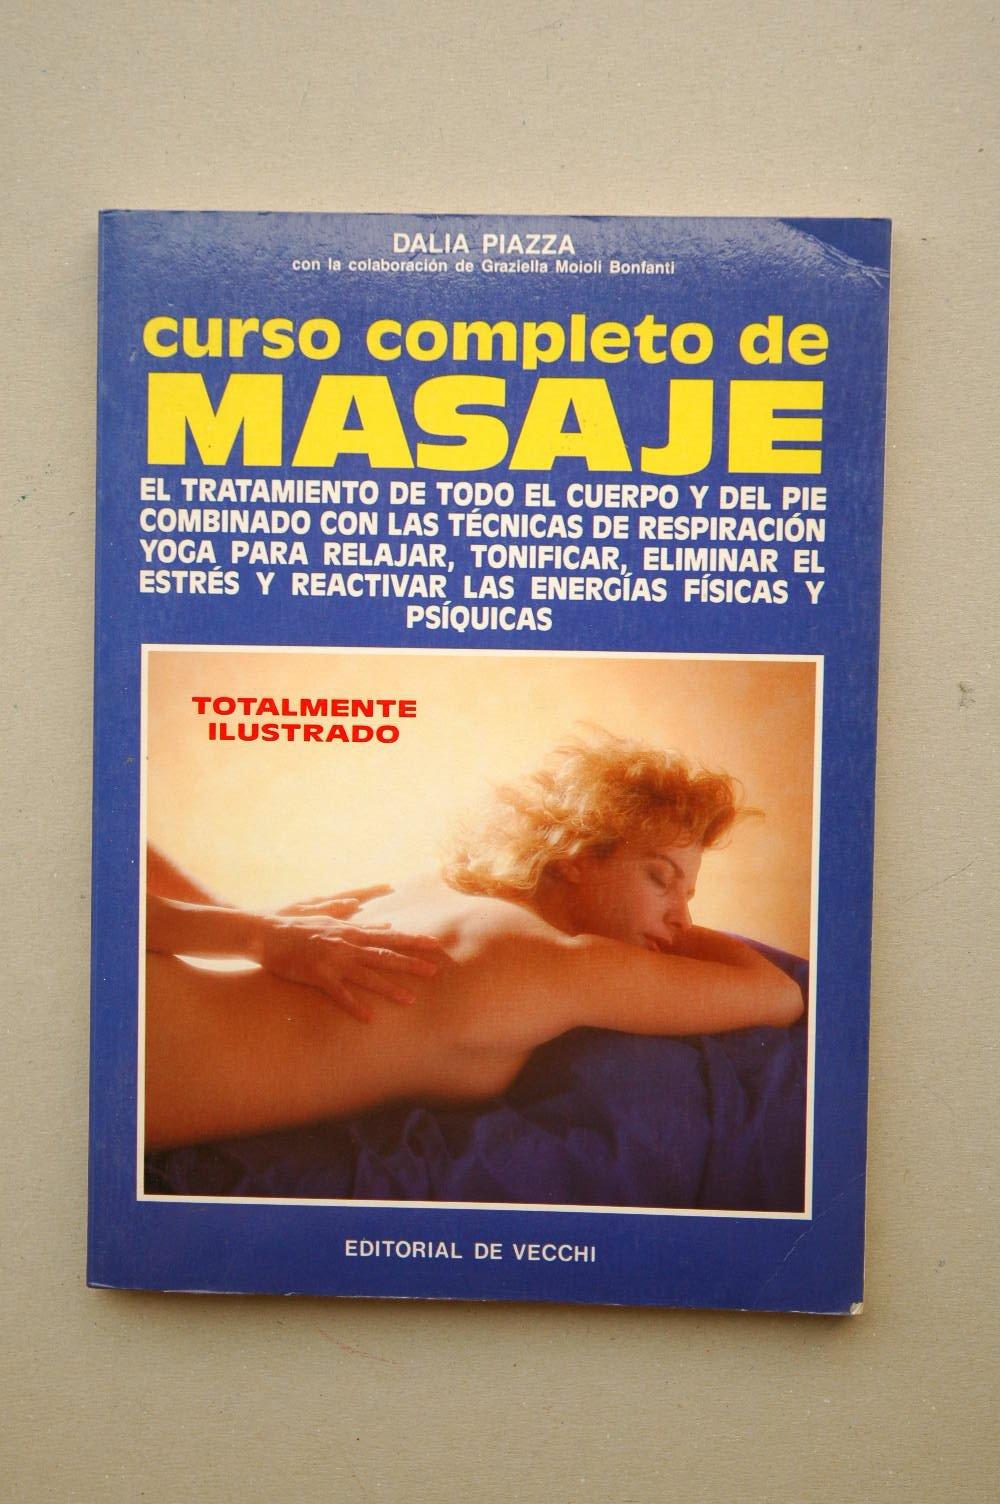 Curso completo de masaje: Amazon.es: Dalia Piazza: Libros